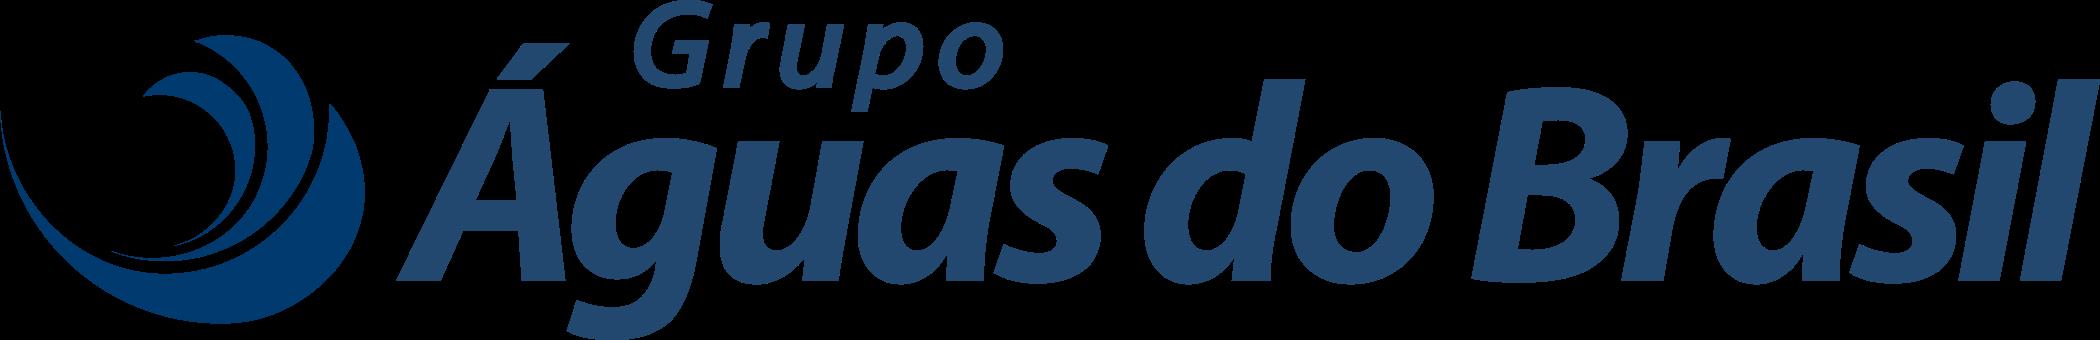 grupo aguas do brasil logo 1 - Águas do Brasil Logo